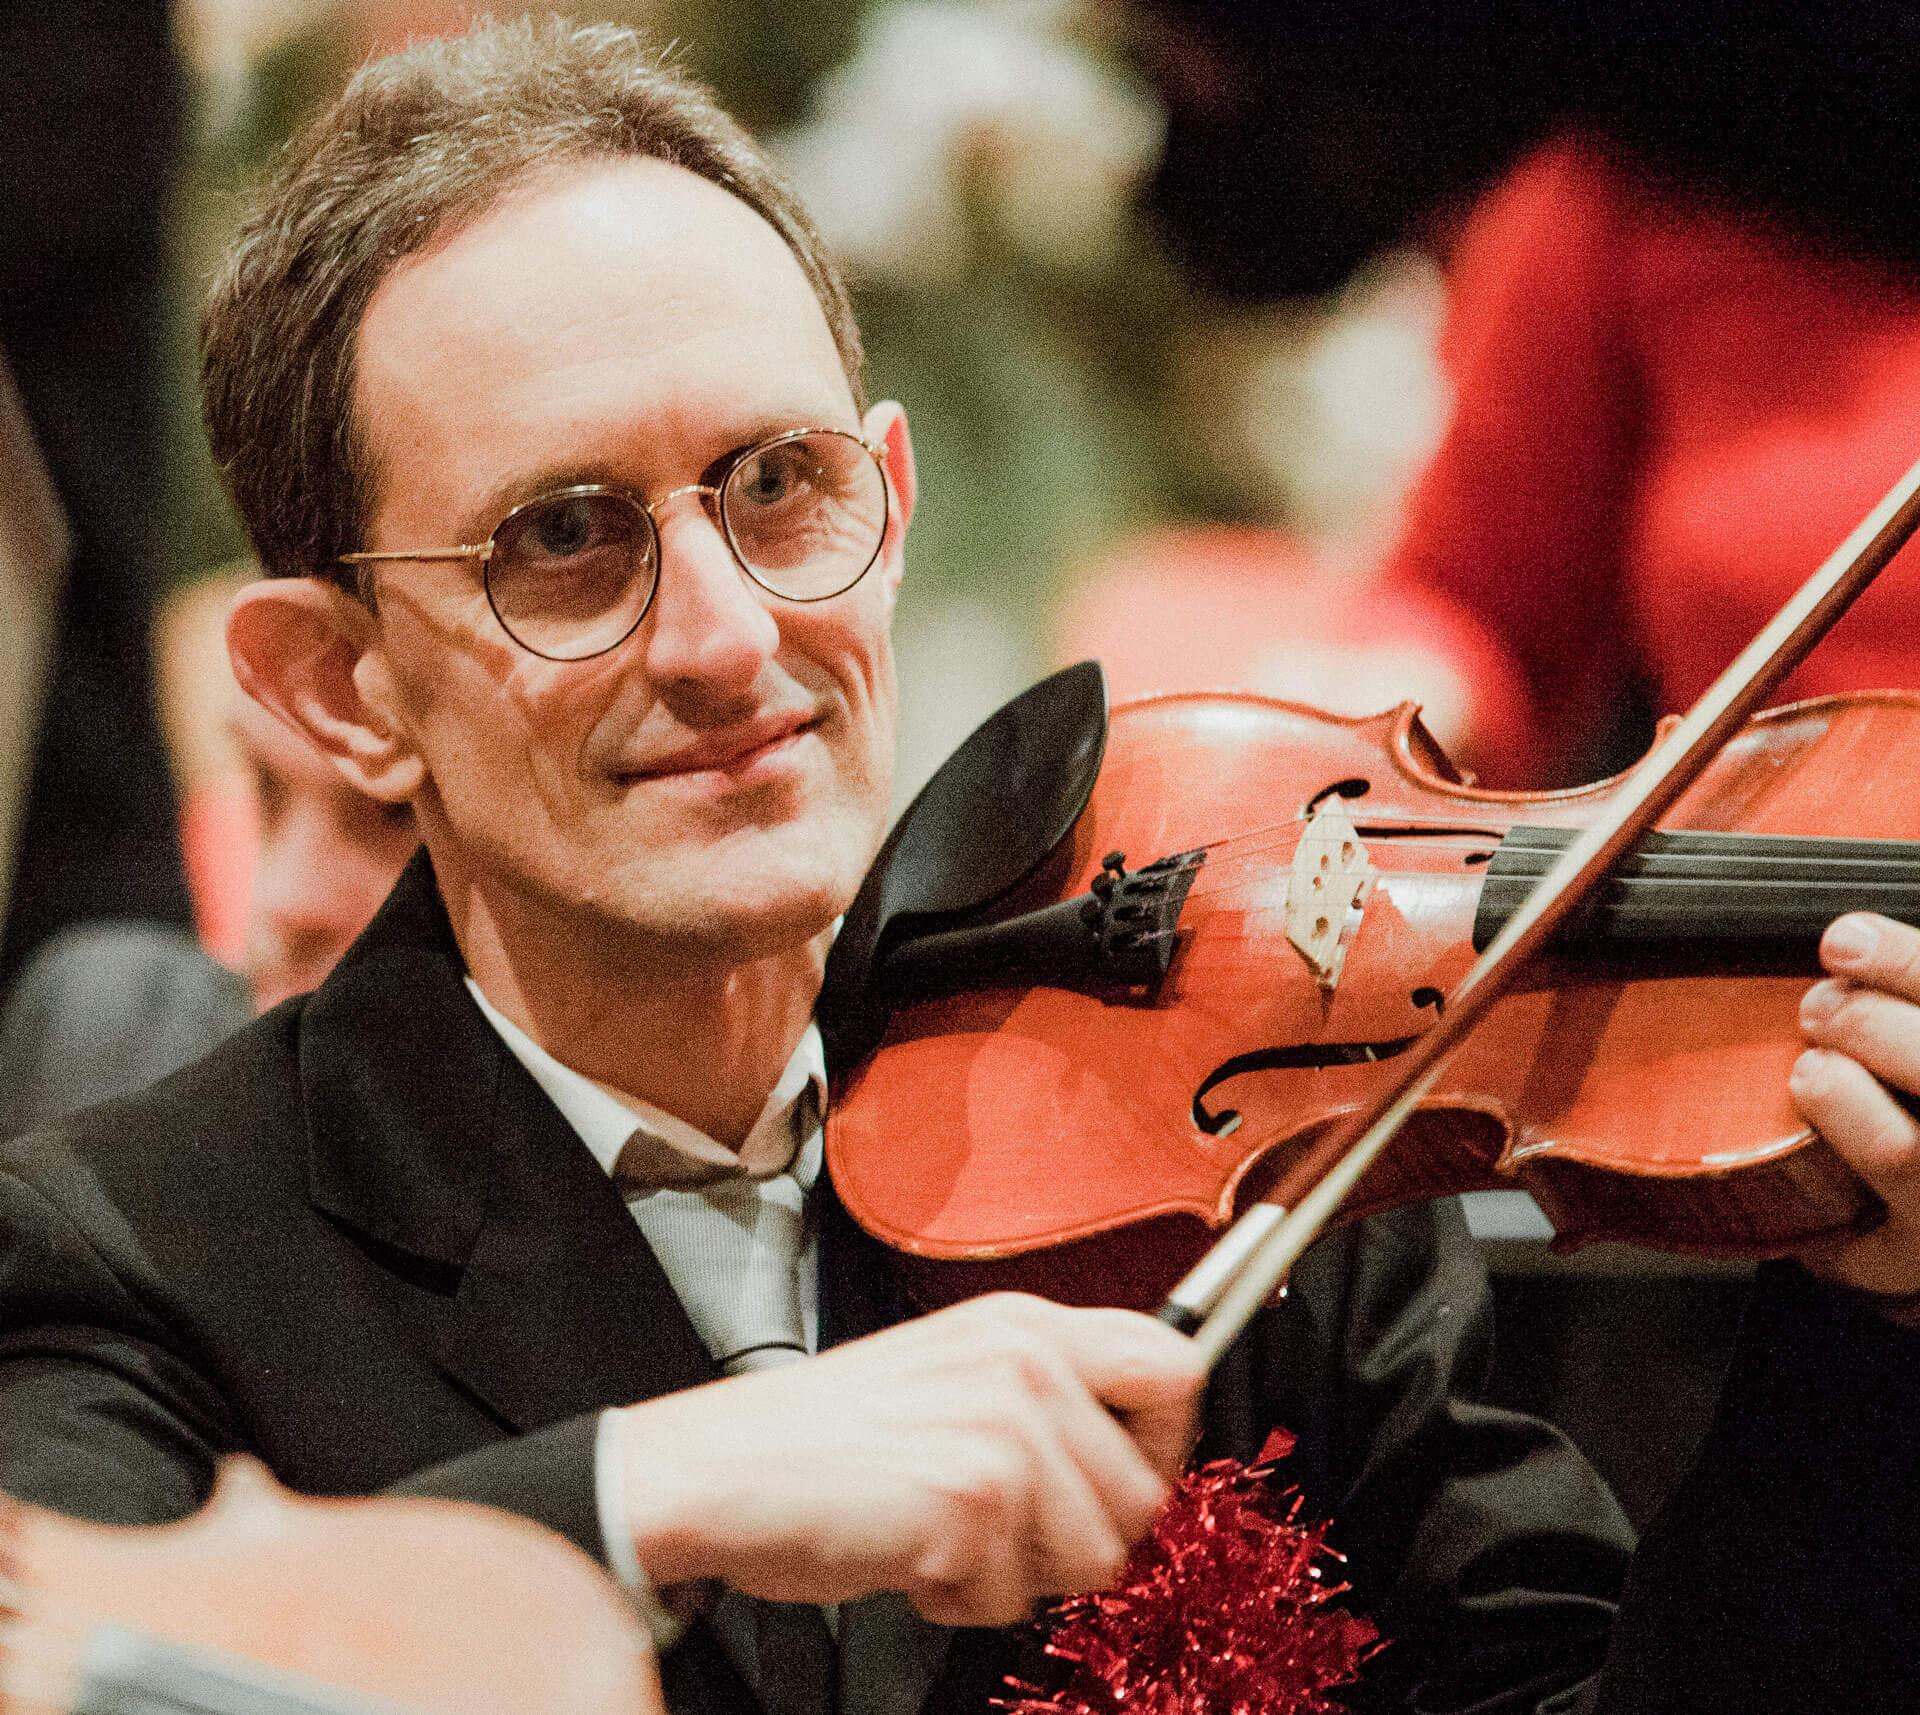 Paolo Giussani